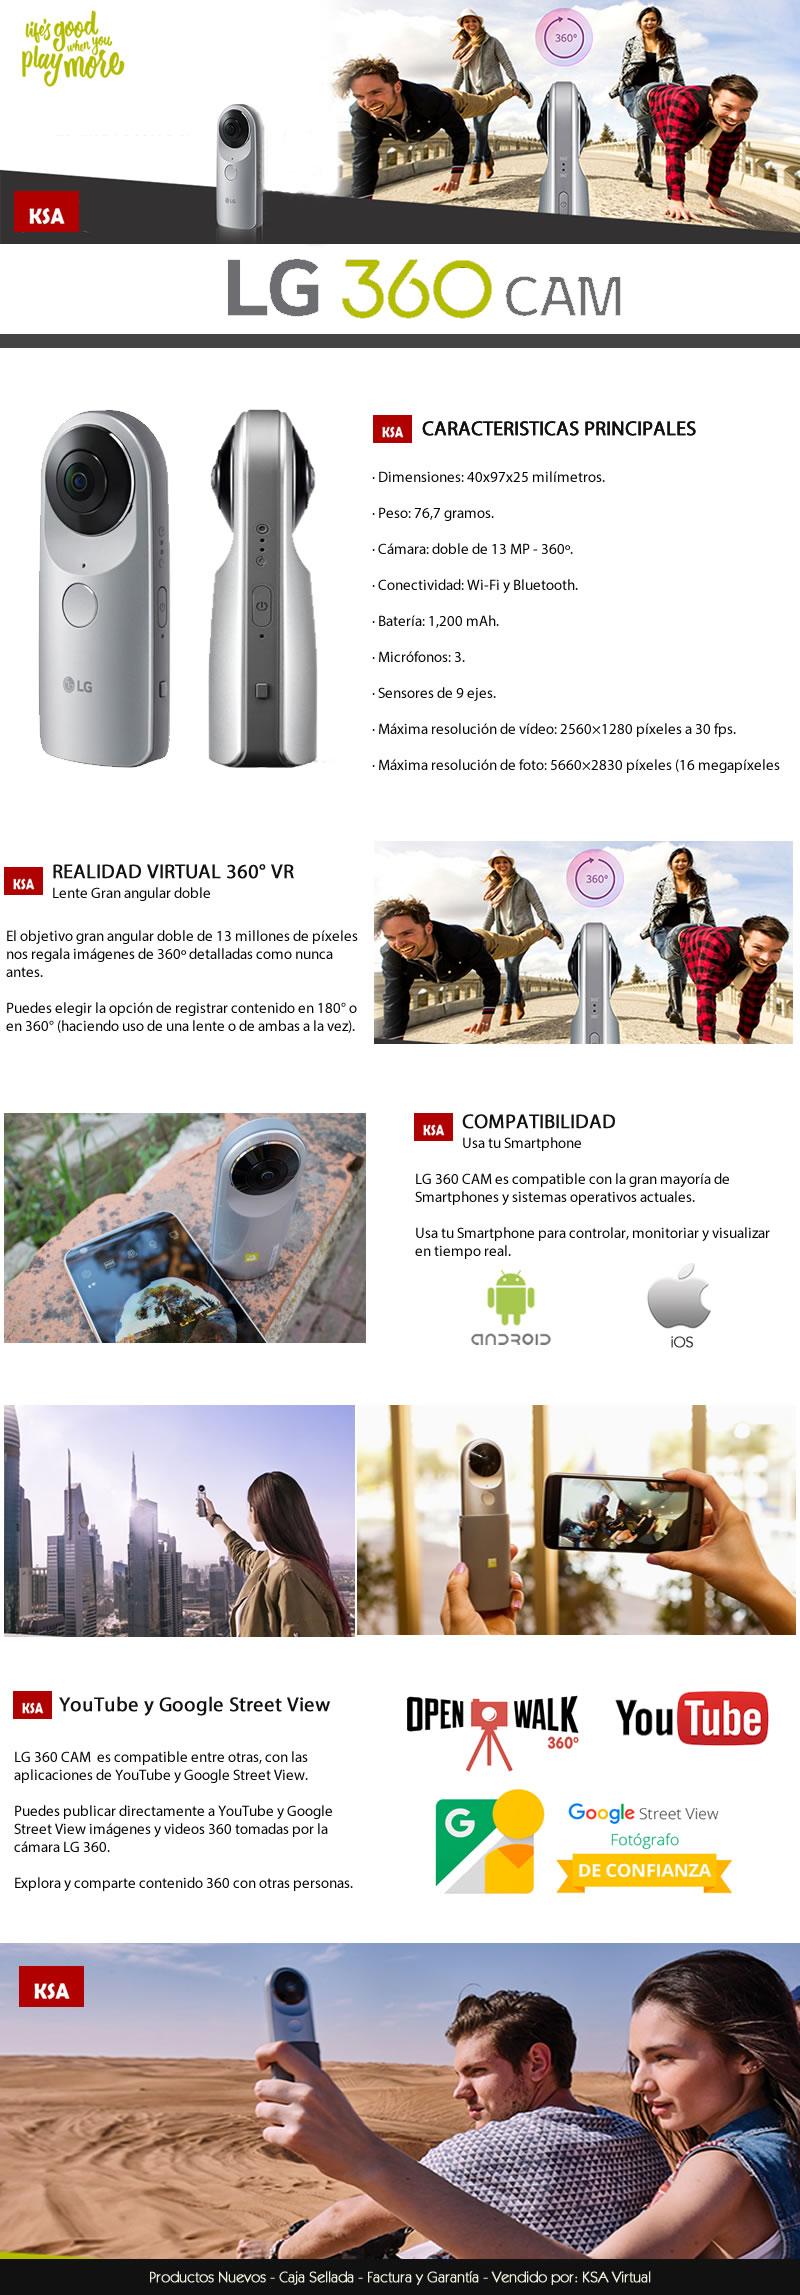 LG 360 CAM - KSA 0.jpg